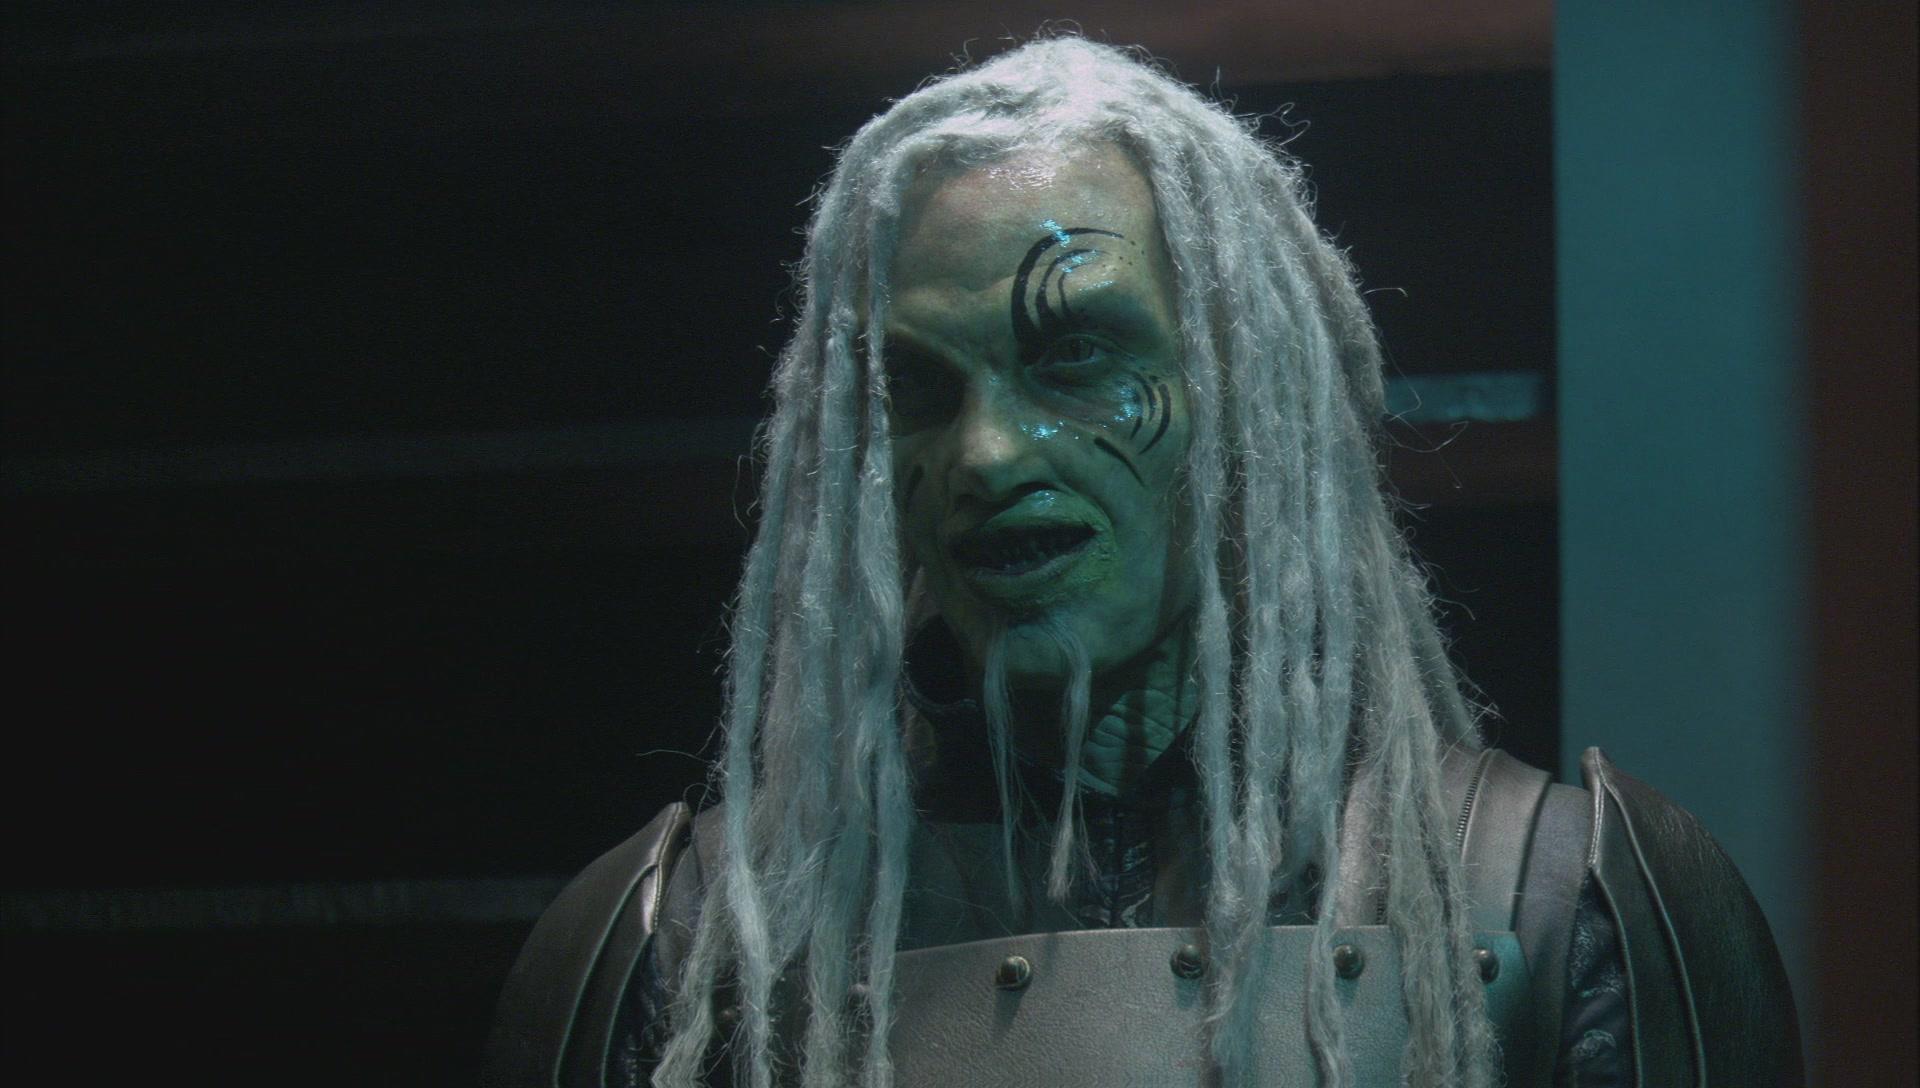 Bob (Wraith)